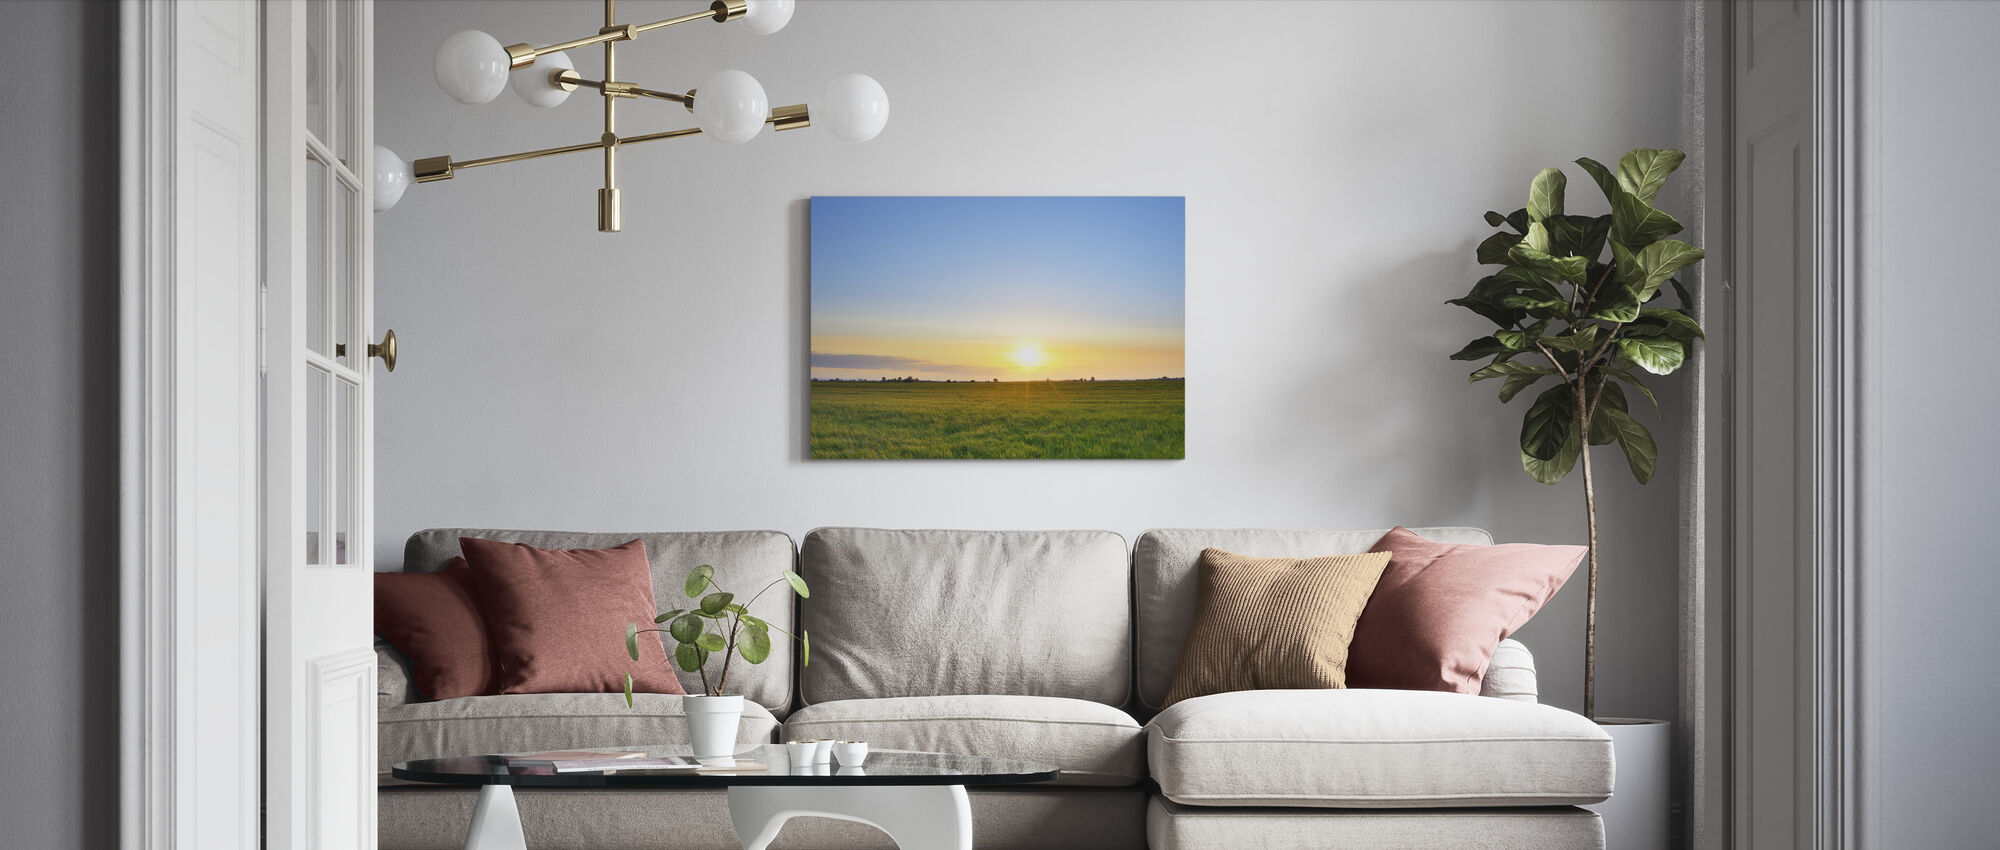 Niitty Sunset - Canvastaulu - Olohuone